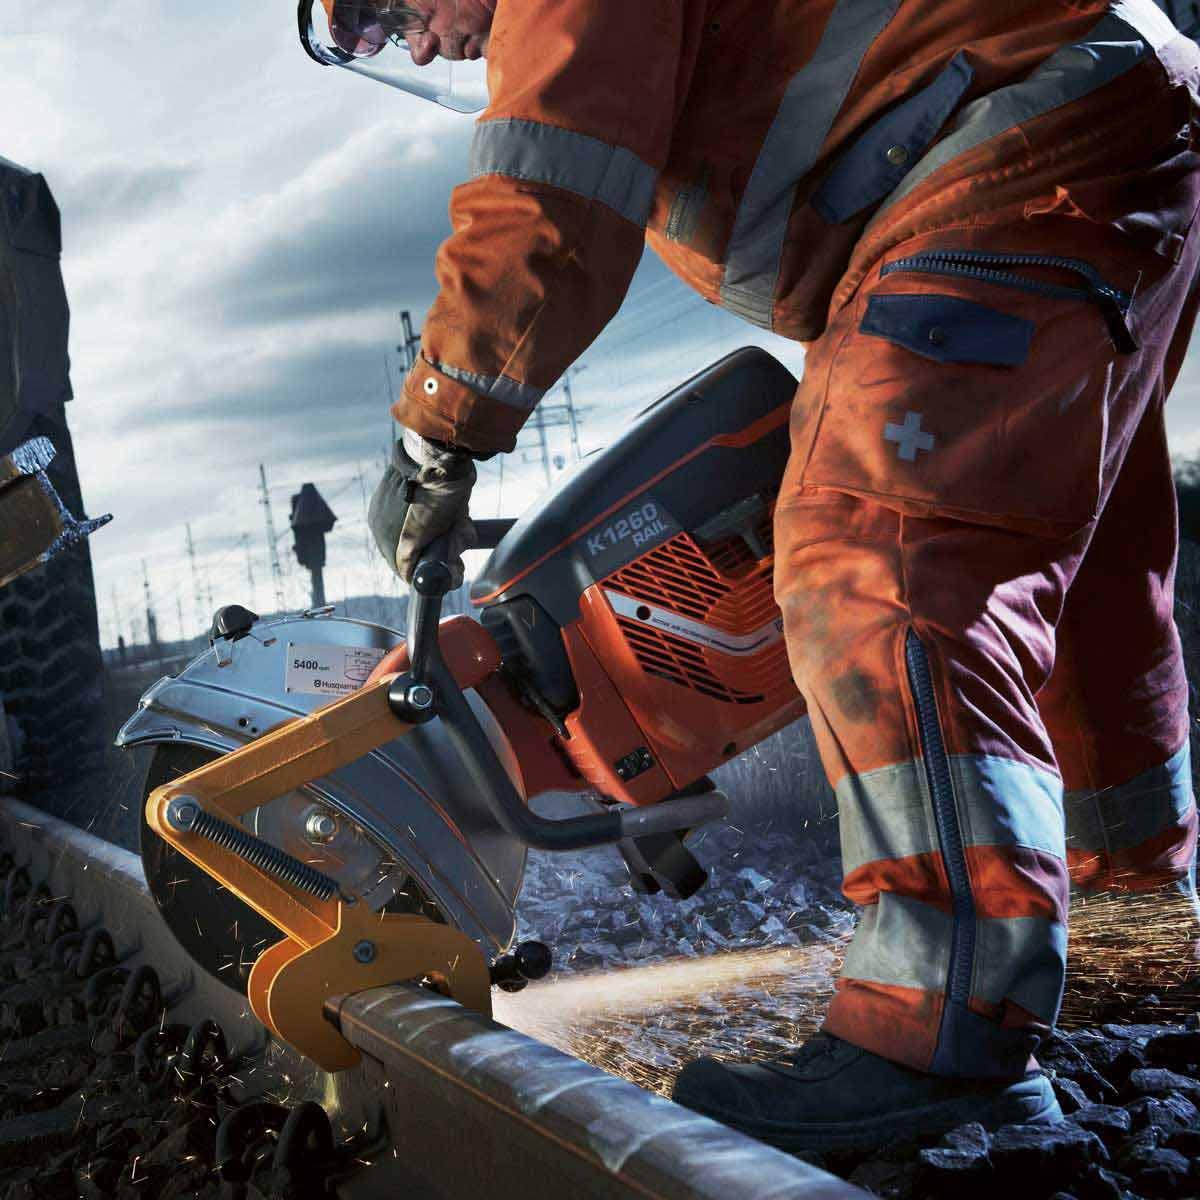 Husqvarna K1260 Rail Saw cutting